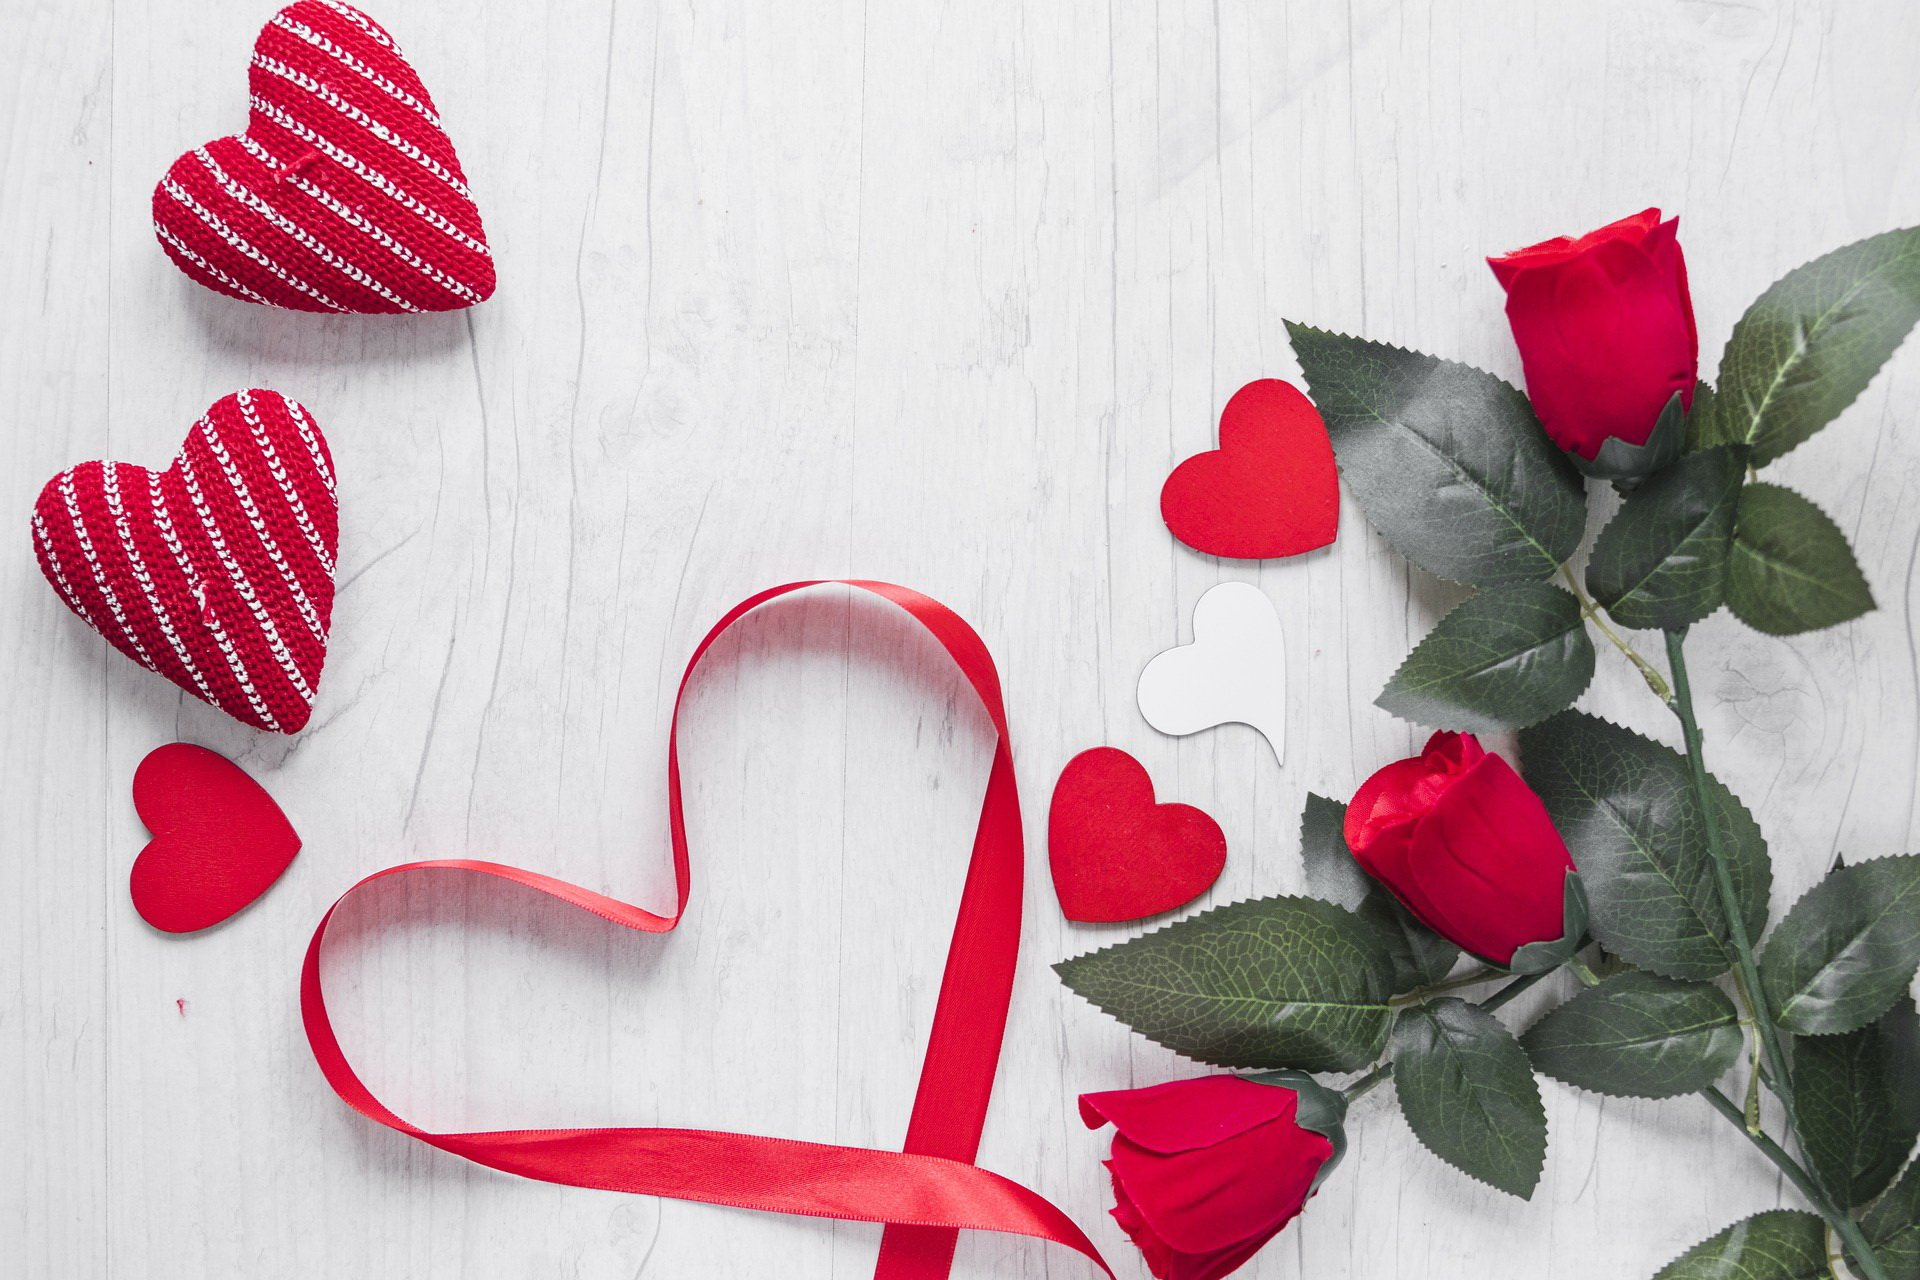 Zostań Moją Walentynką Wierszyk Walentynkowy Dla Niej